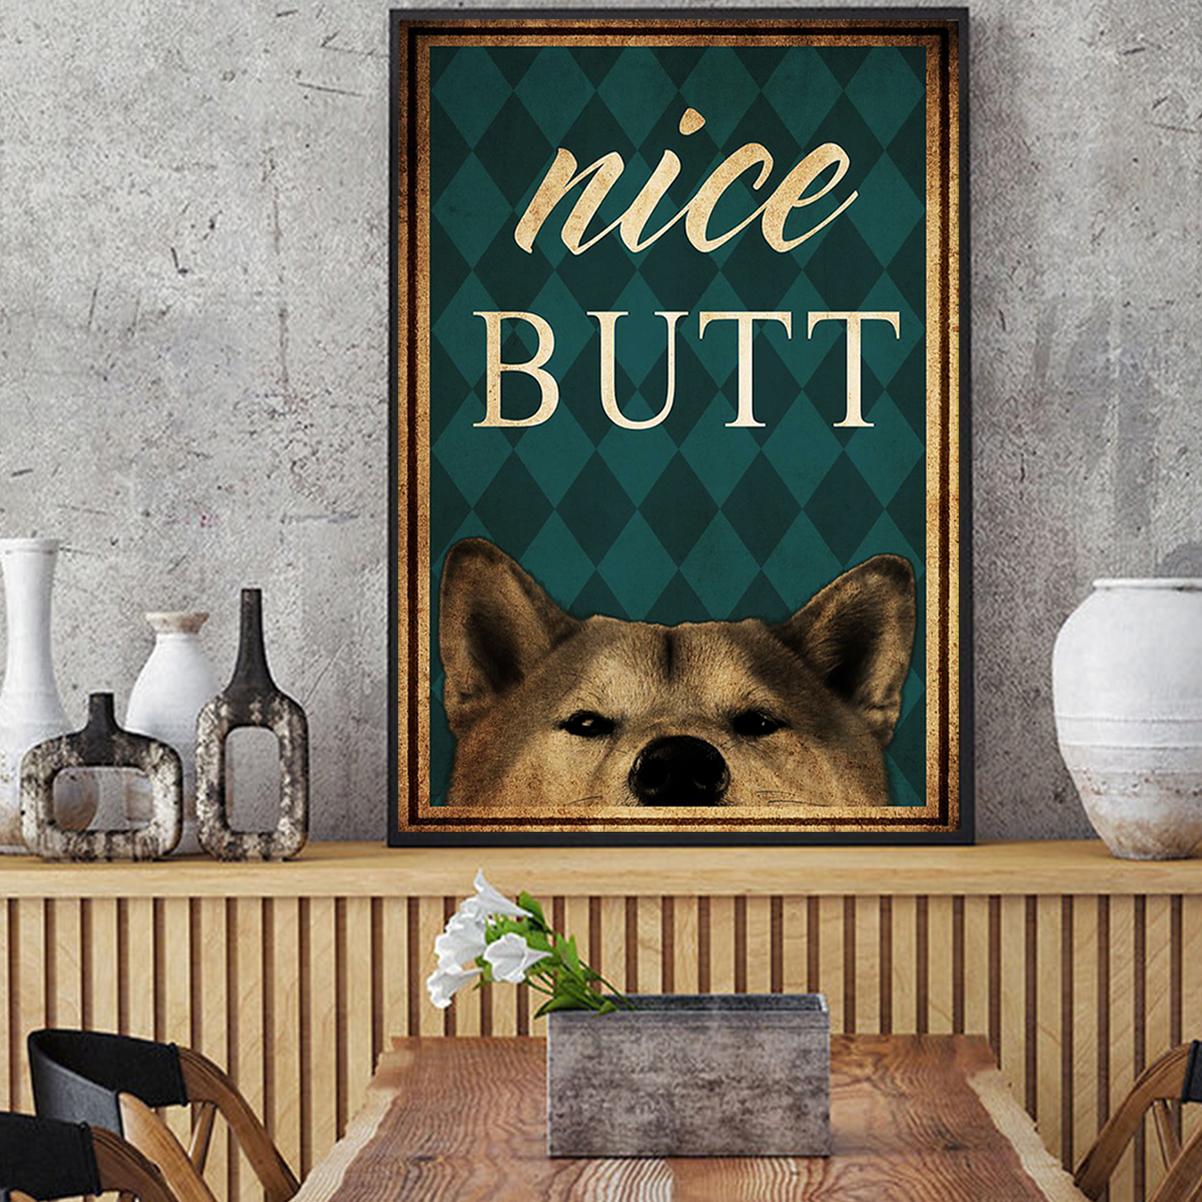 Shiba inu dog nice butt poster A2